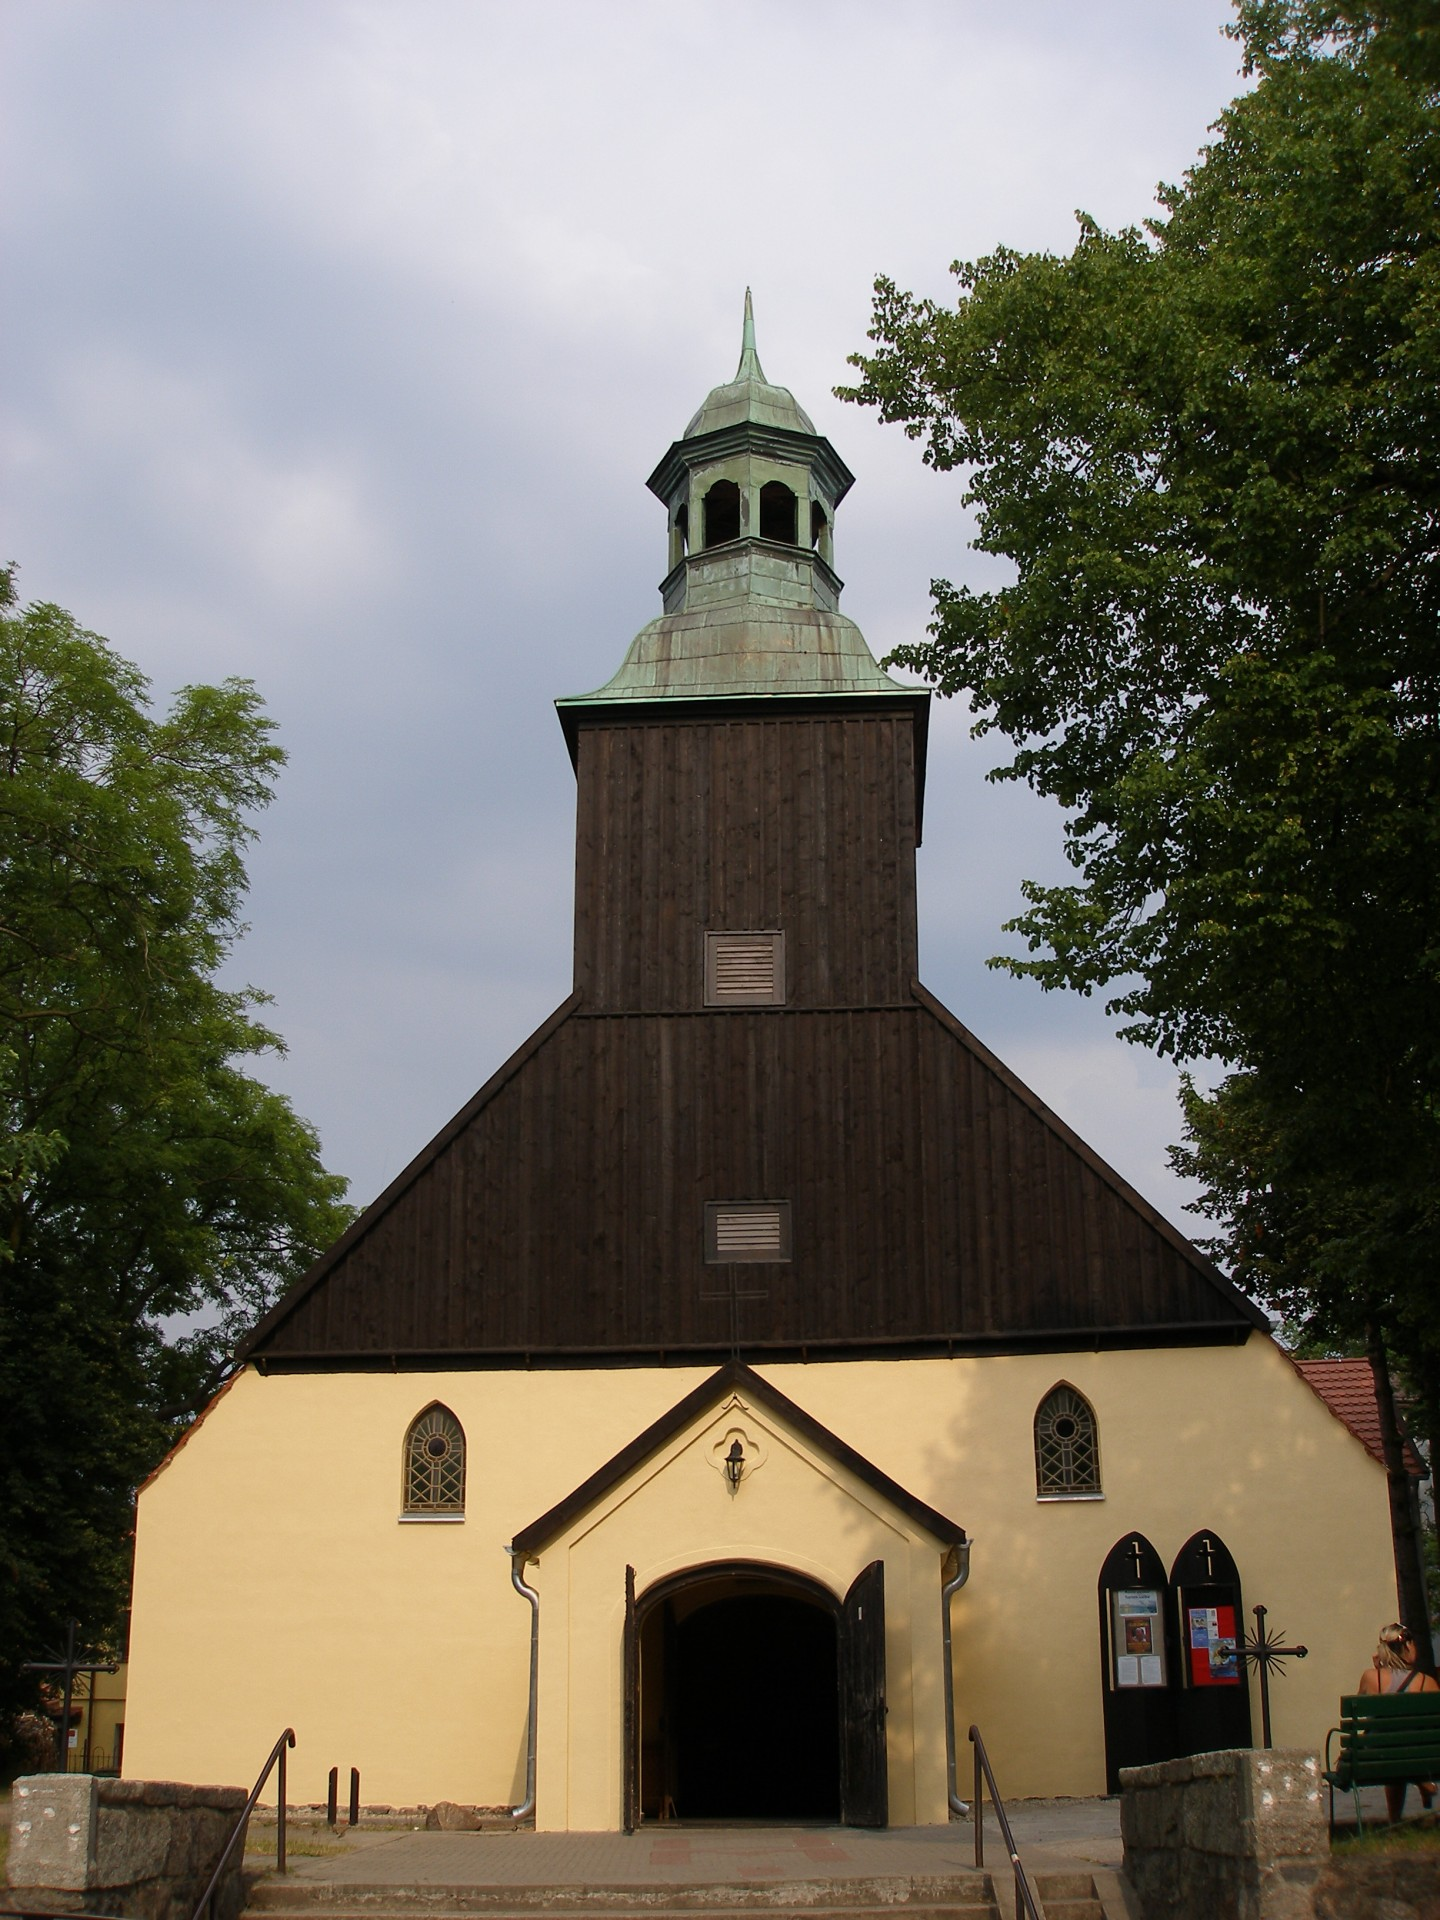 Fot.: Łeba, kościół pw. Wniebowzięcia NMP, źródło: Wikipedia, autor: GringoPL